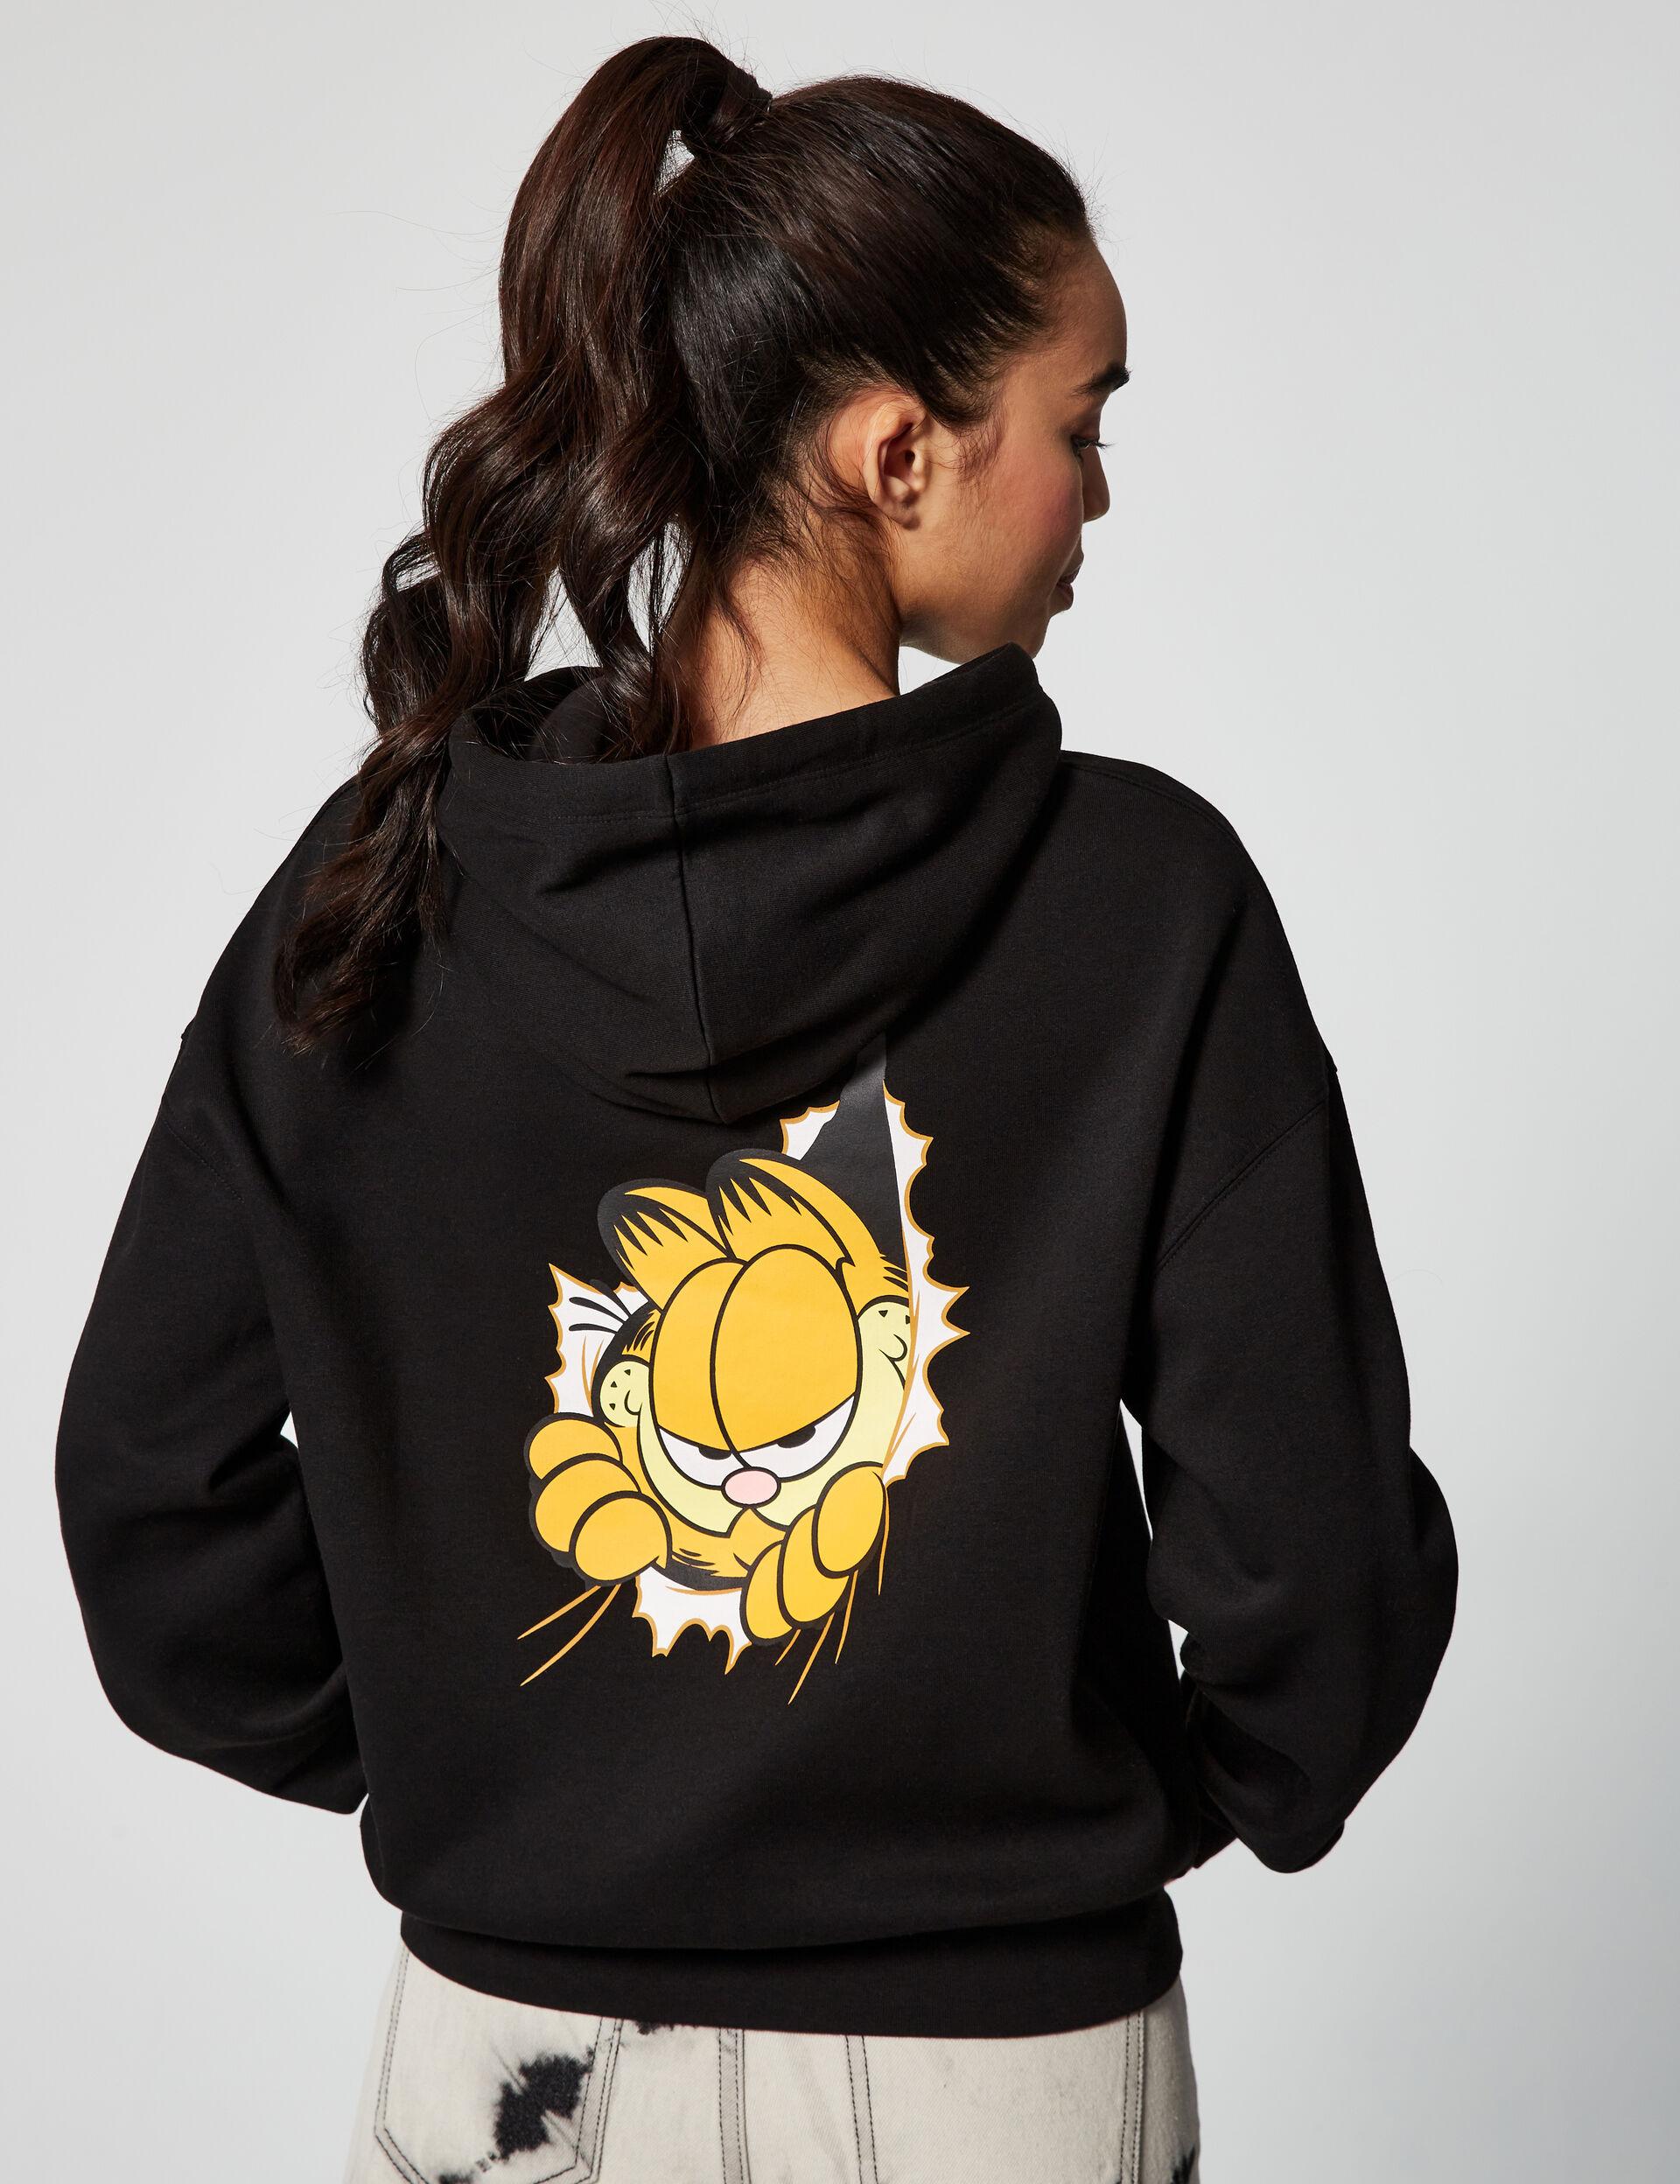 Garfield hoodie